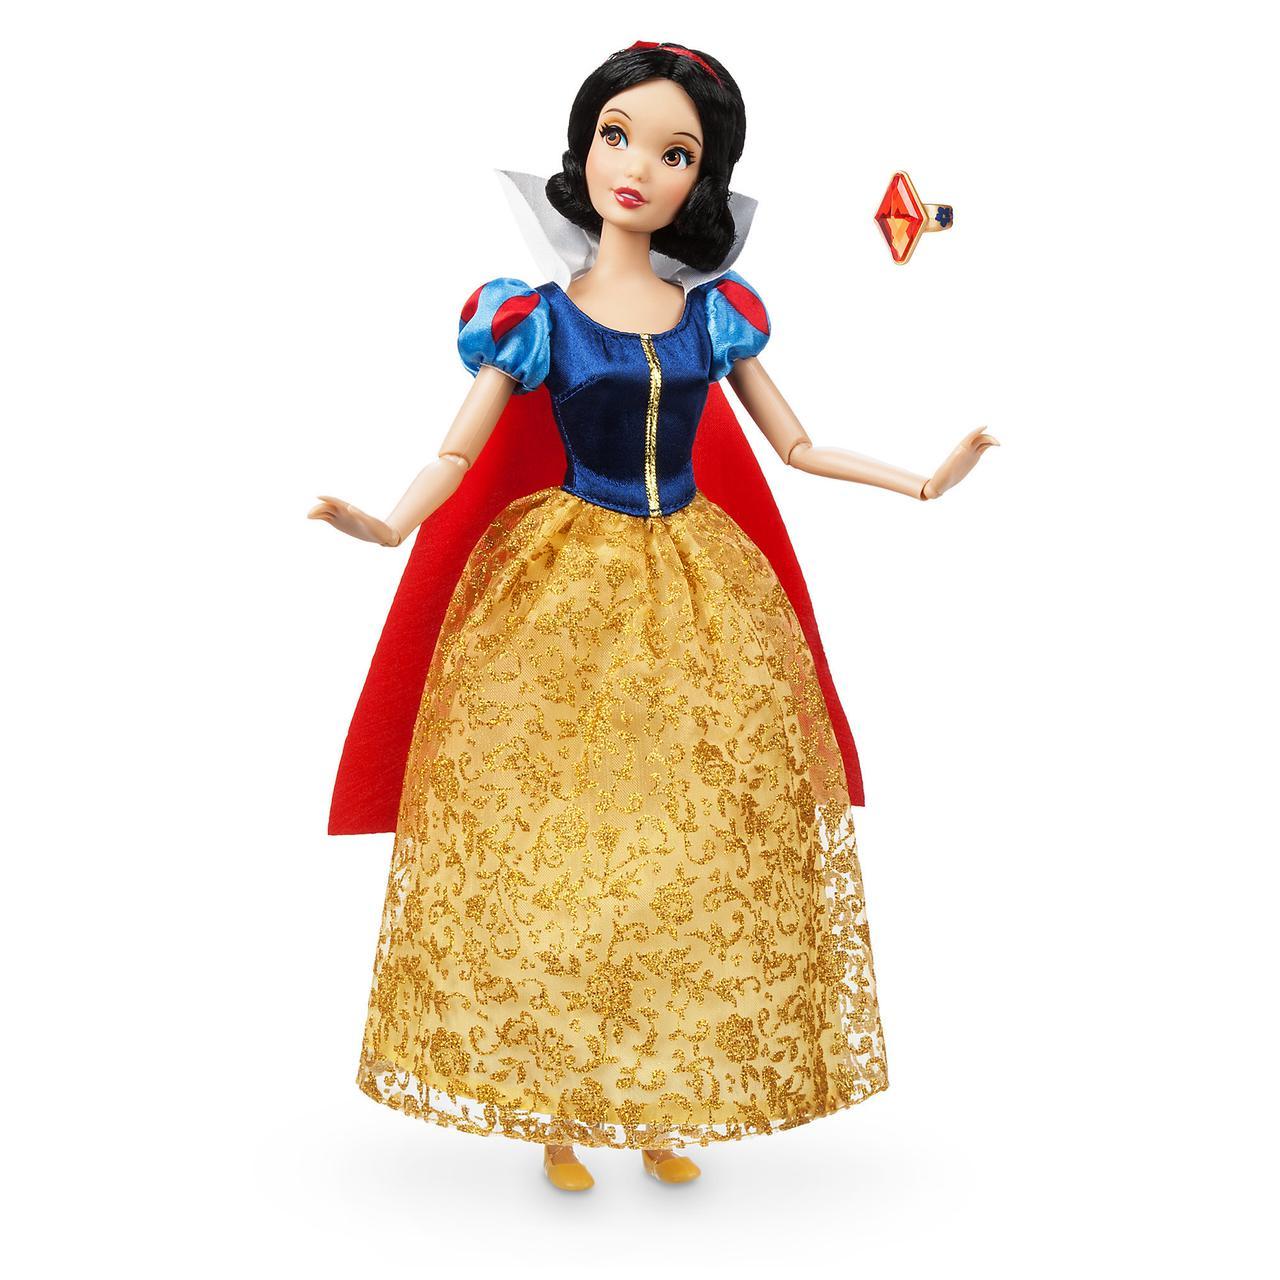 Кукла Белоснежка с драгоценным кольцом - Snow White принцесса Дисней куклы Disney